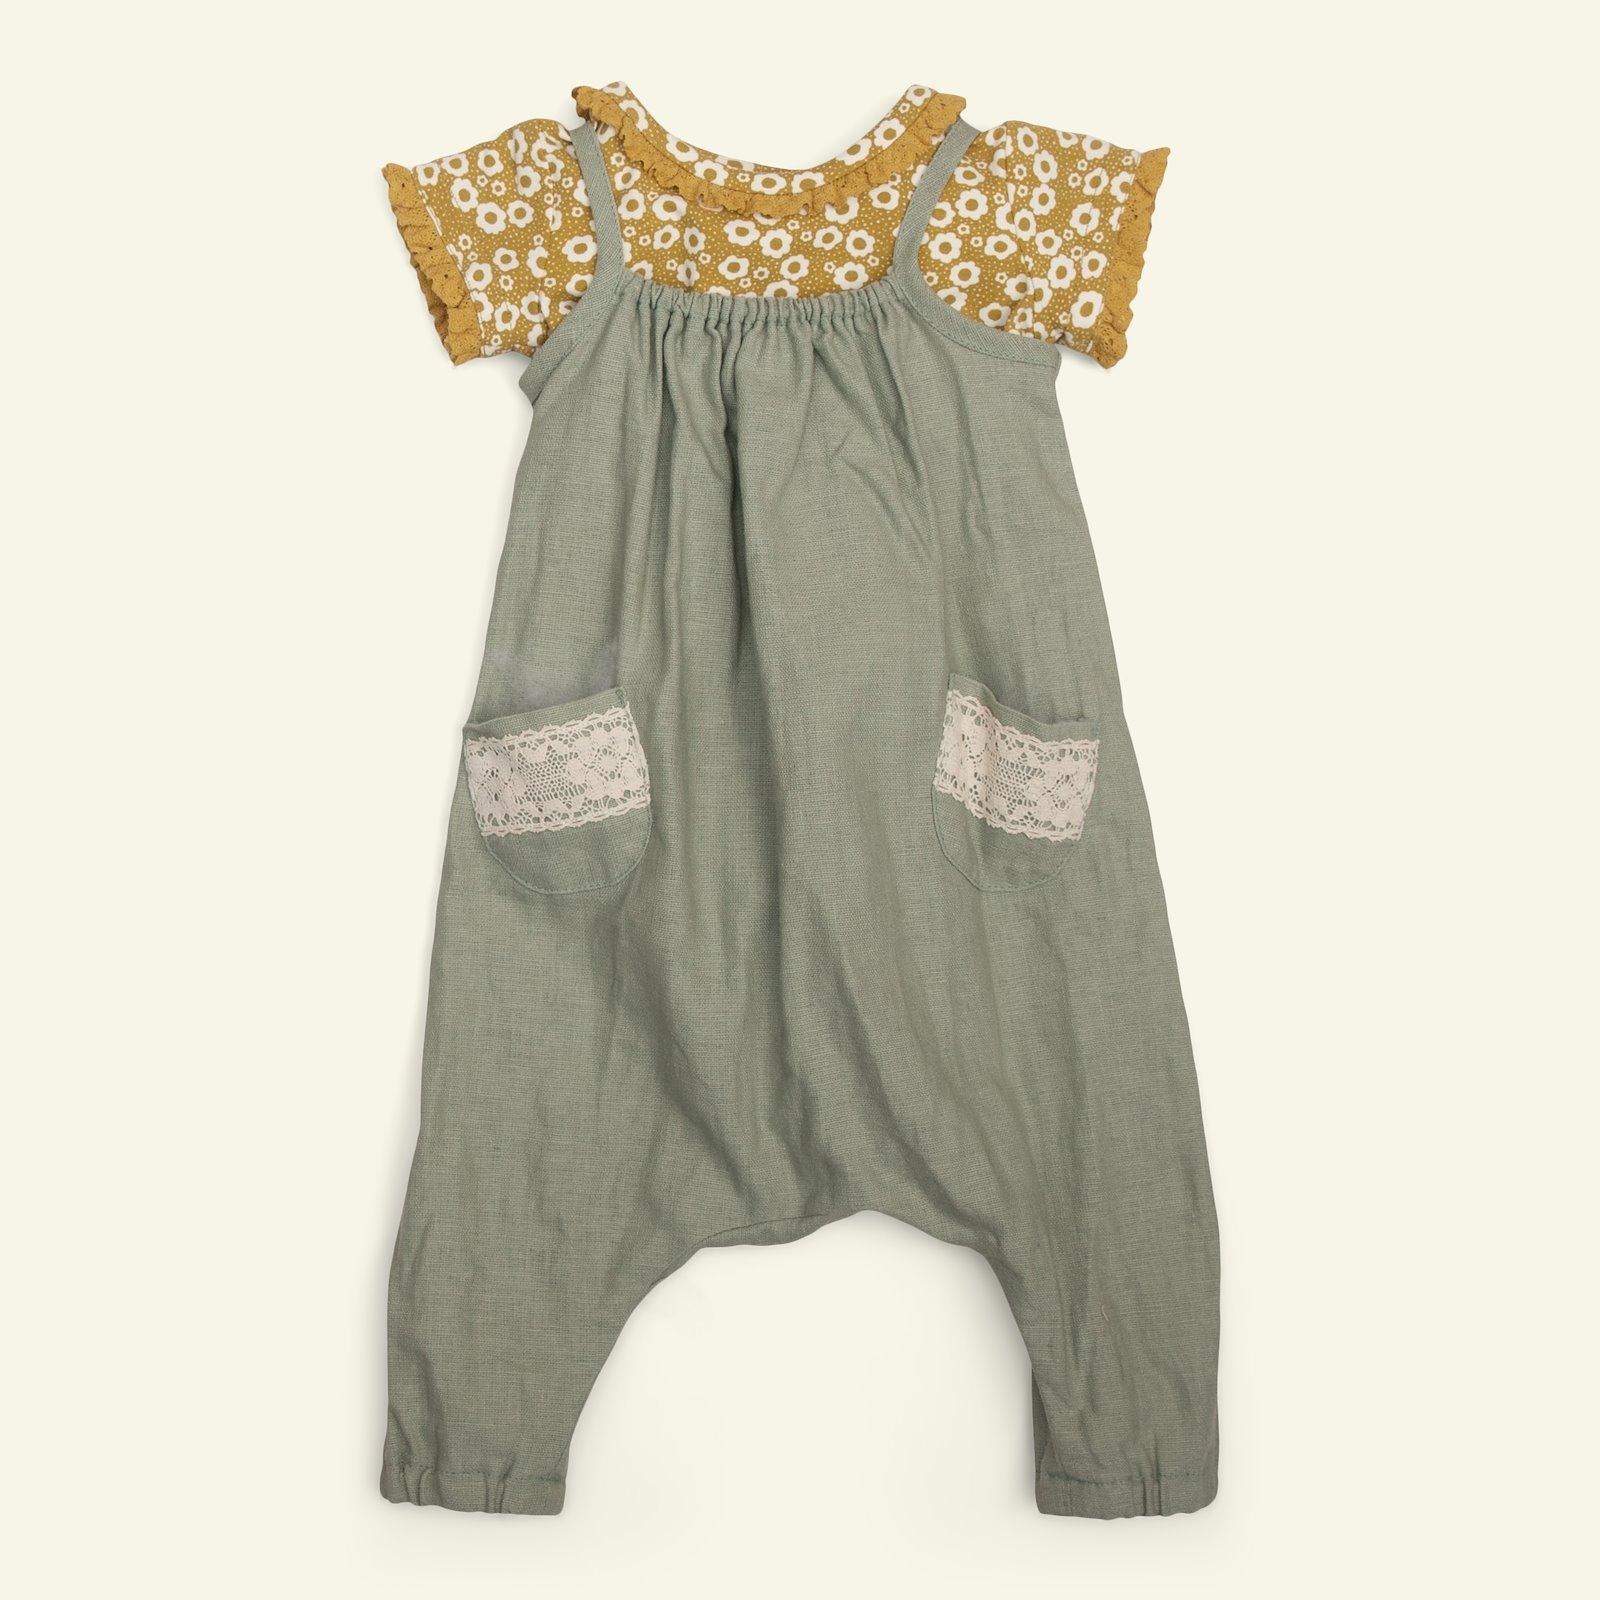 Linen/cotton light dusty green p81022_272727_25140_p81023_410131_25162_sskit